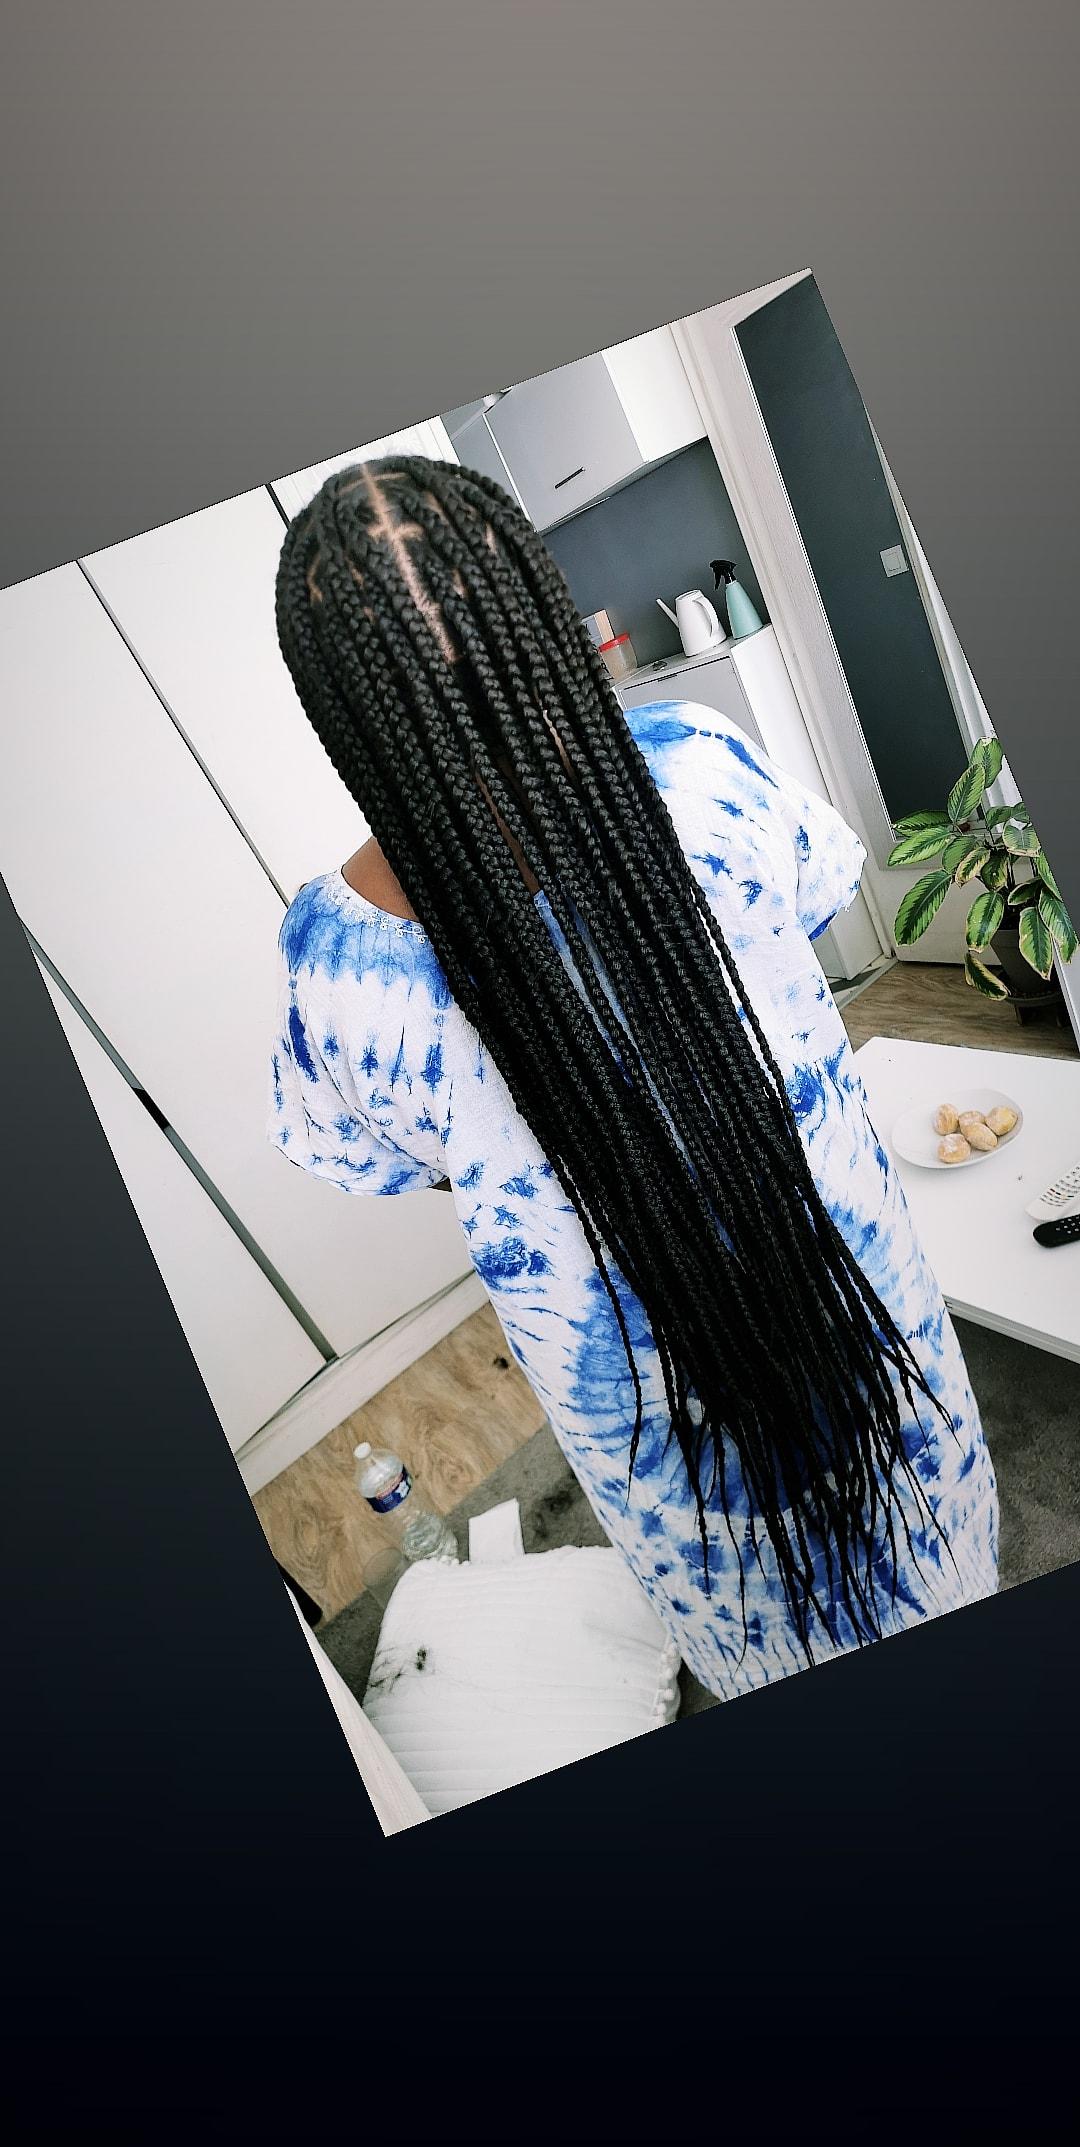 salon de coiffure afro tresse tresses box braids crochet braids vanilles tissages paris 75 77 78 91 92 93 94 95 IJVHICYJ